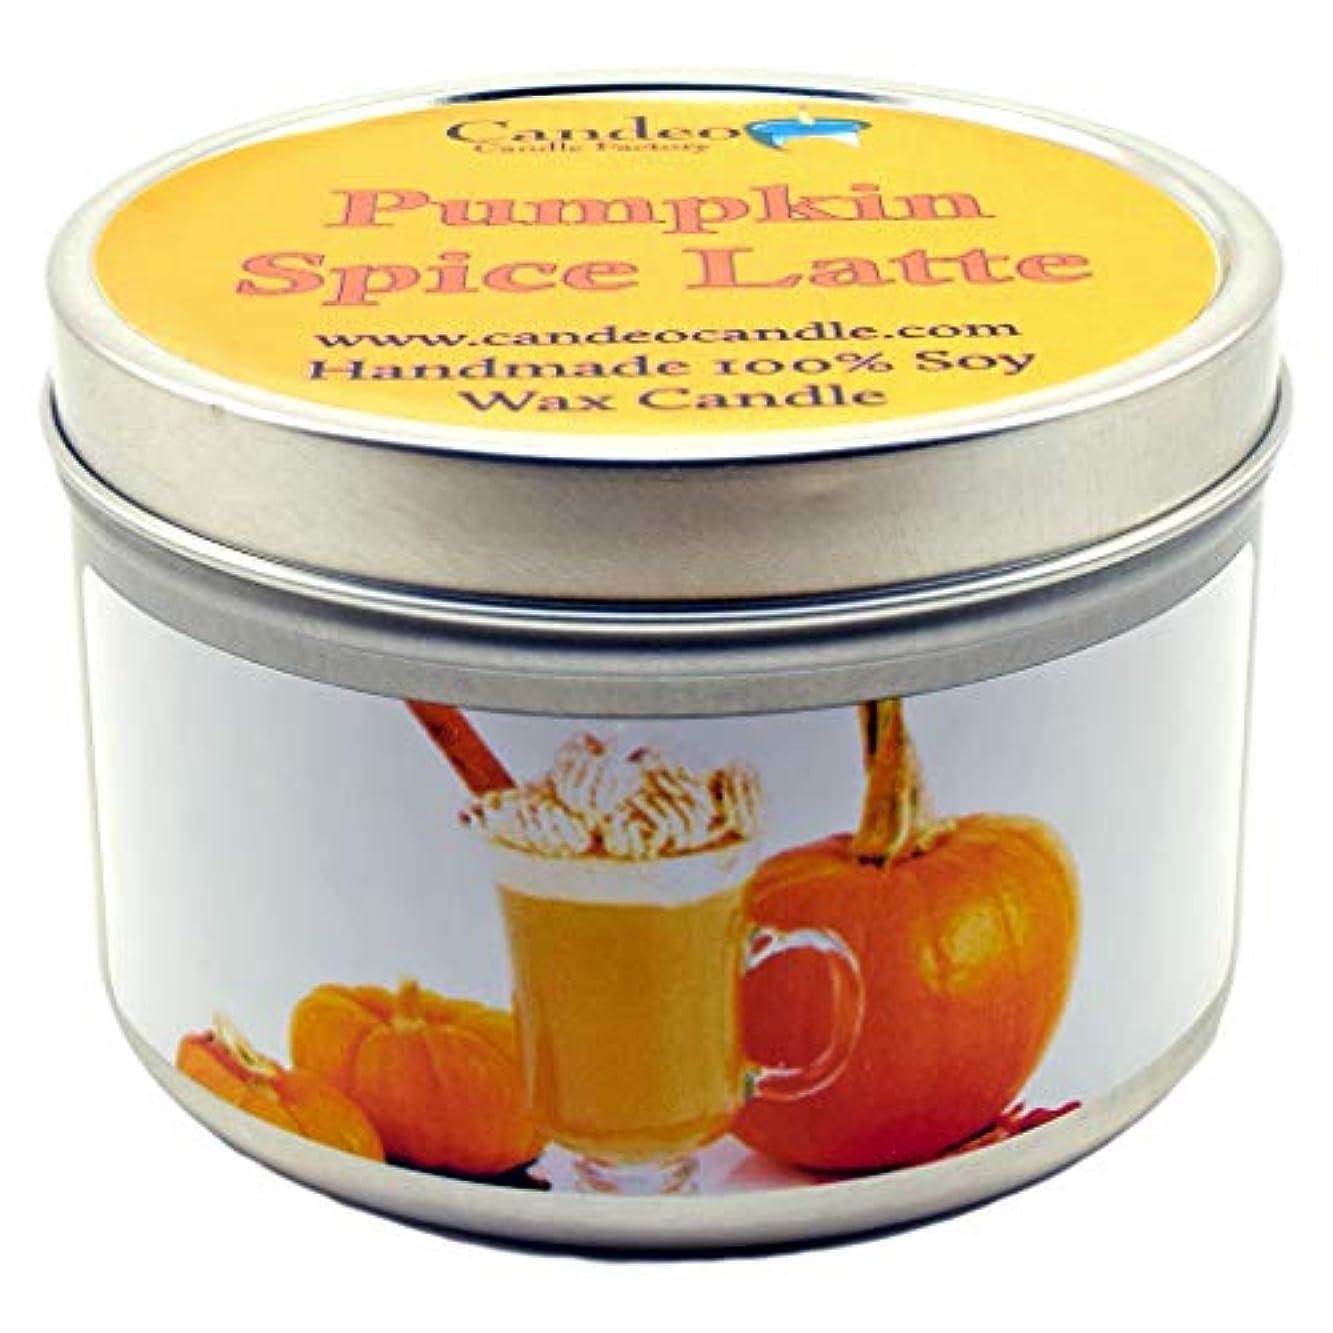 中古煙キャンペーン(180ml) - Pumpkin Spice Latte, Super Scented Soy Candle Tin (180ml)